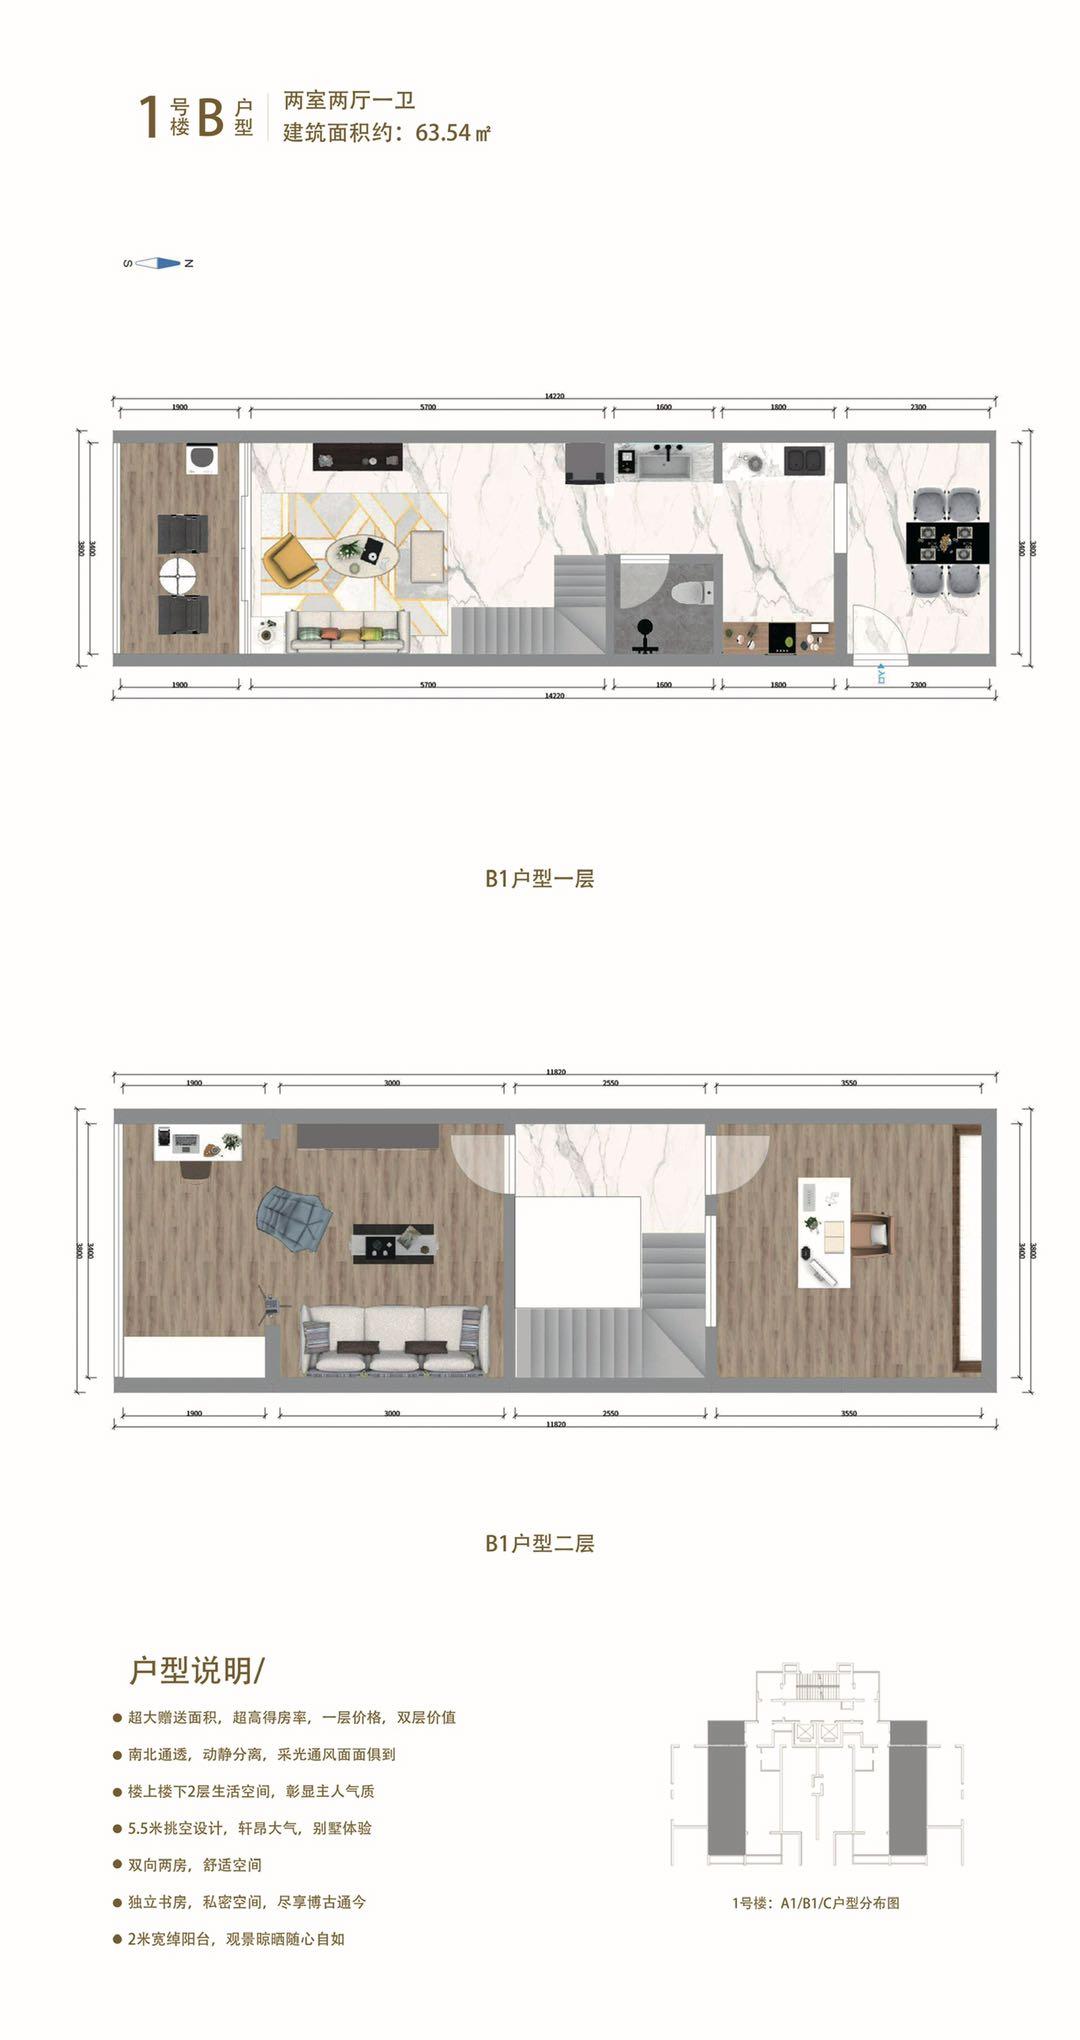 1号楼B户型 2室2厅1卫 建面63.54㎡